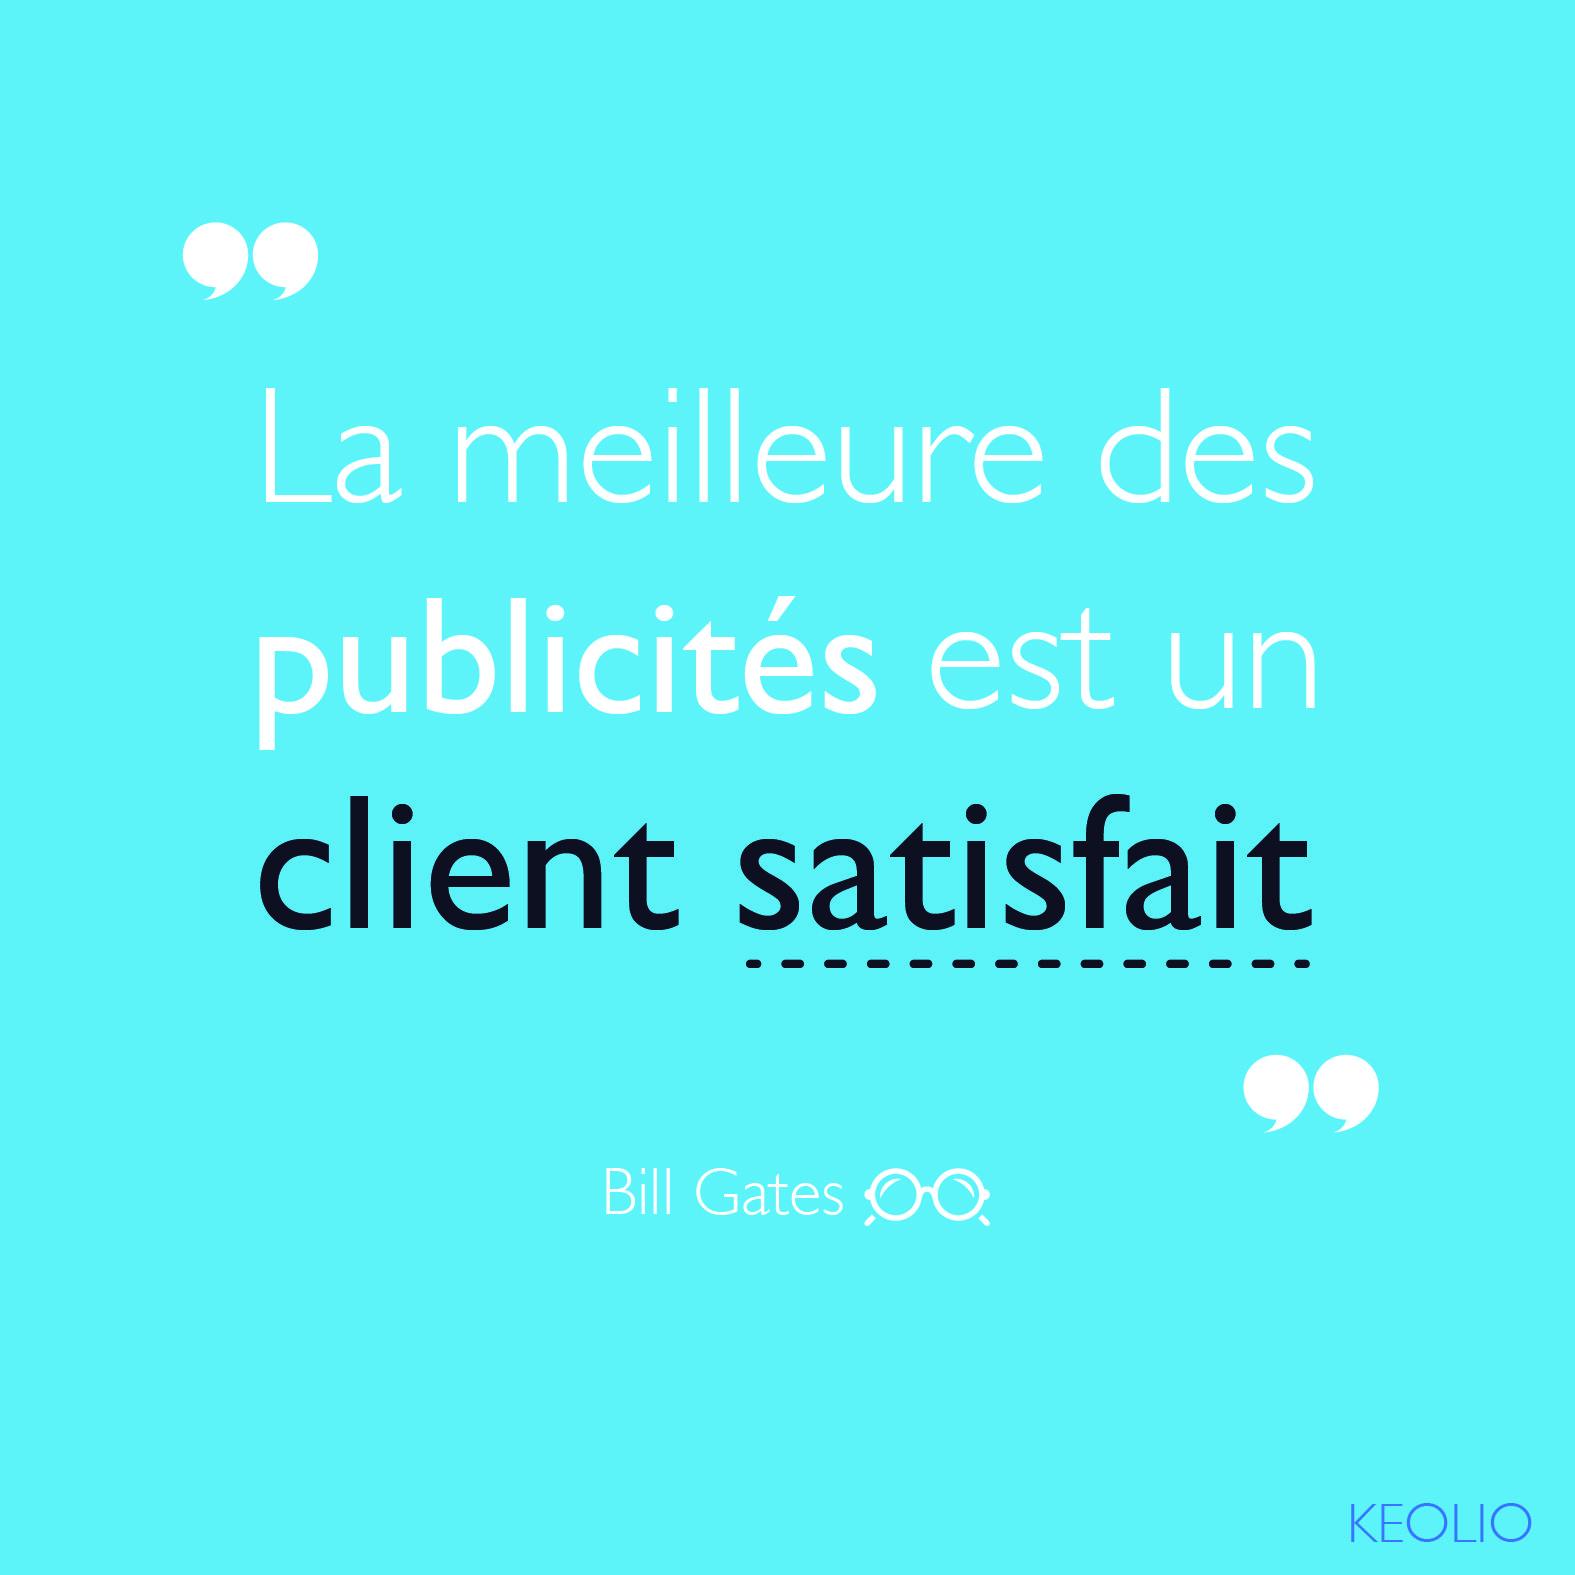 Assez citation #quote #marketing | Citations | Pinterest | Optimisme  QI26